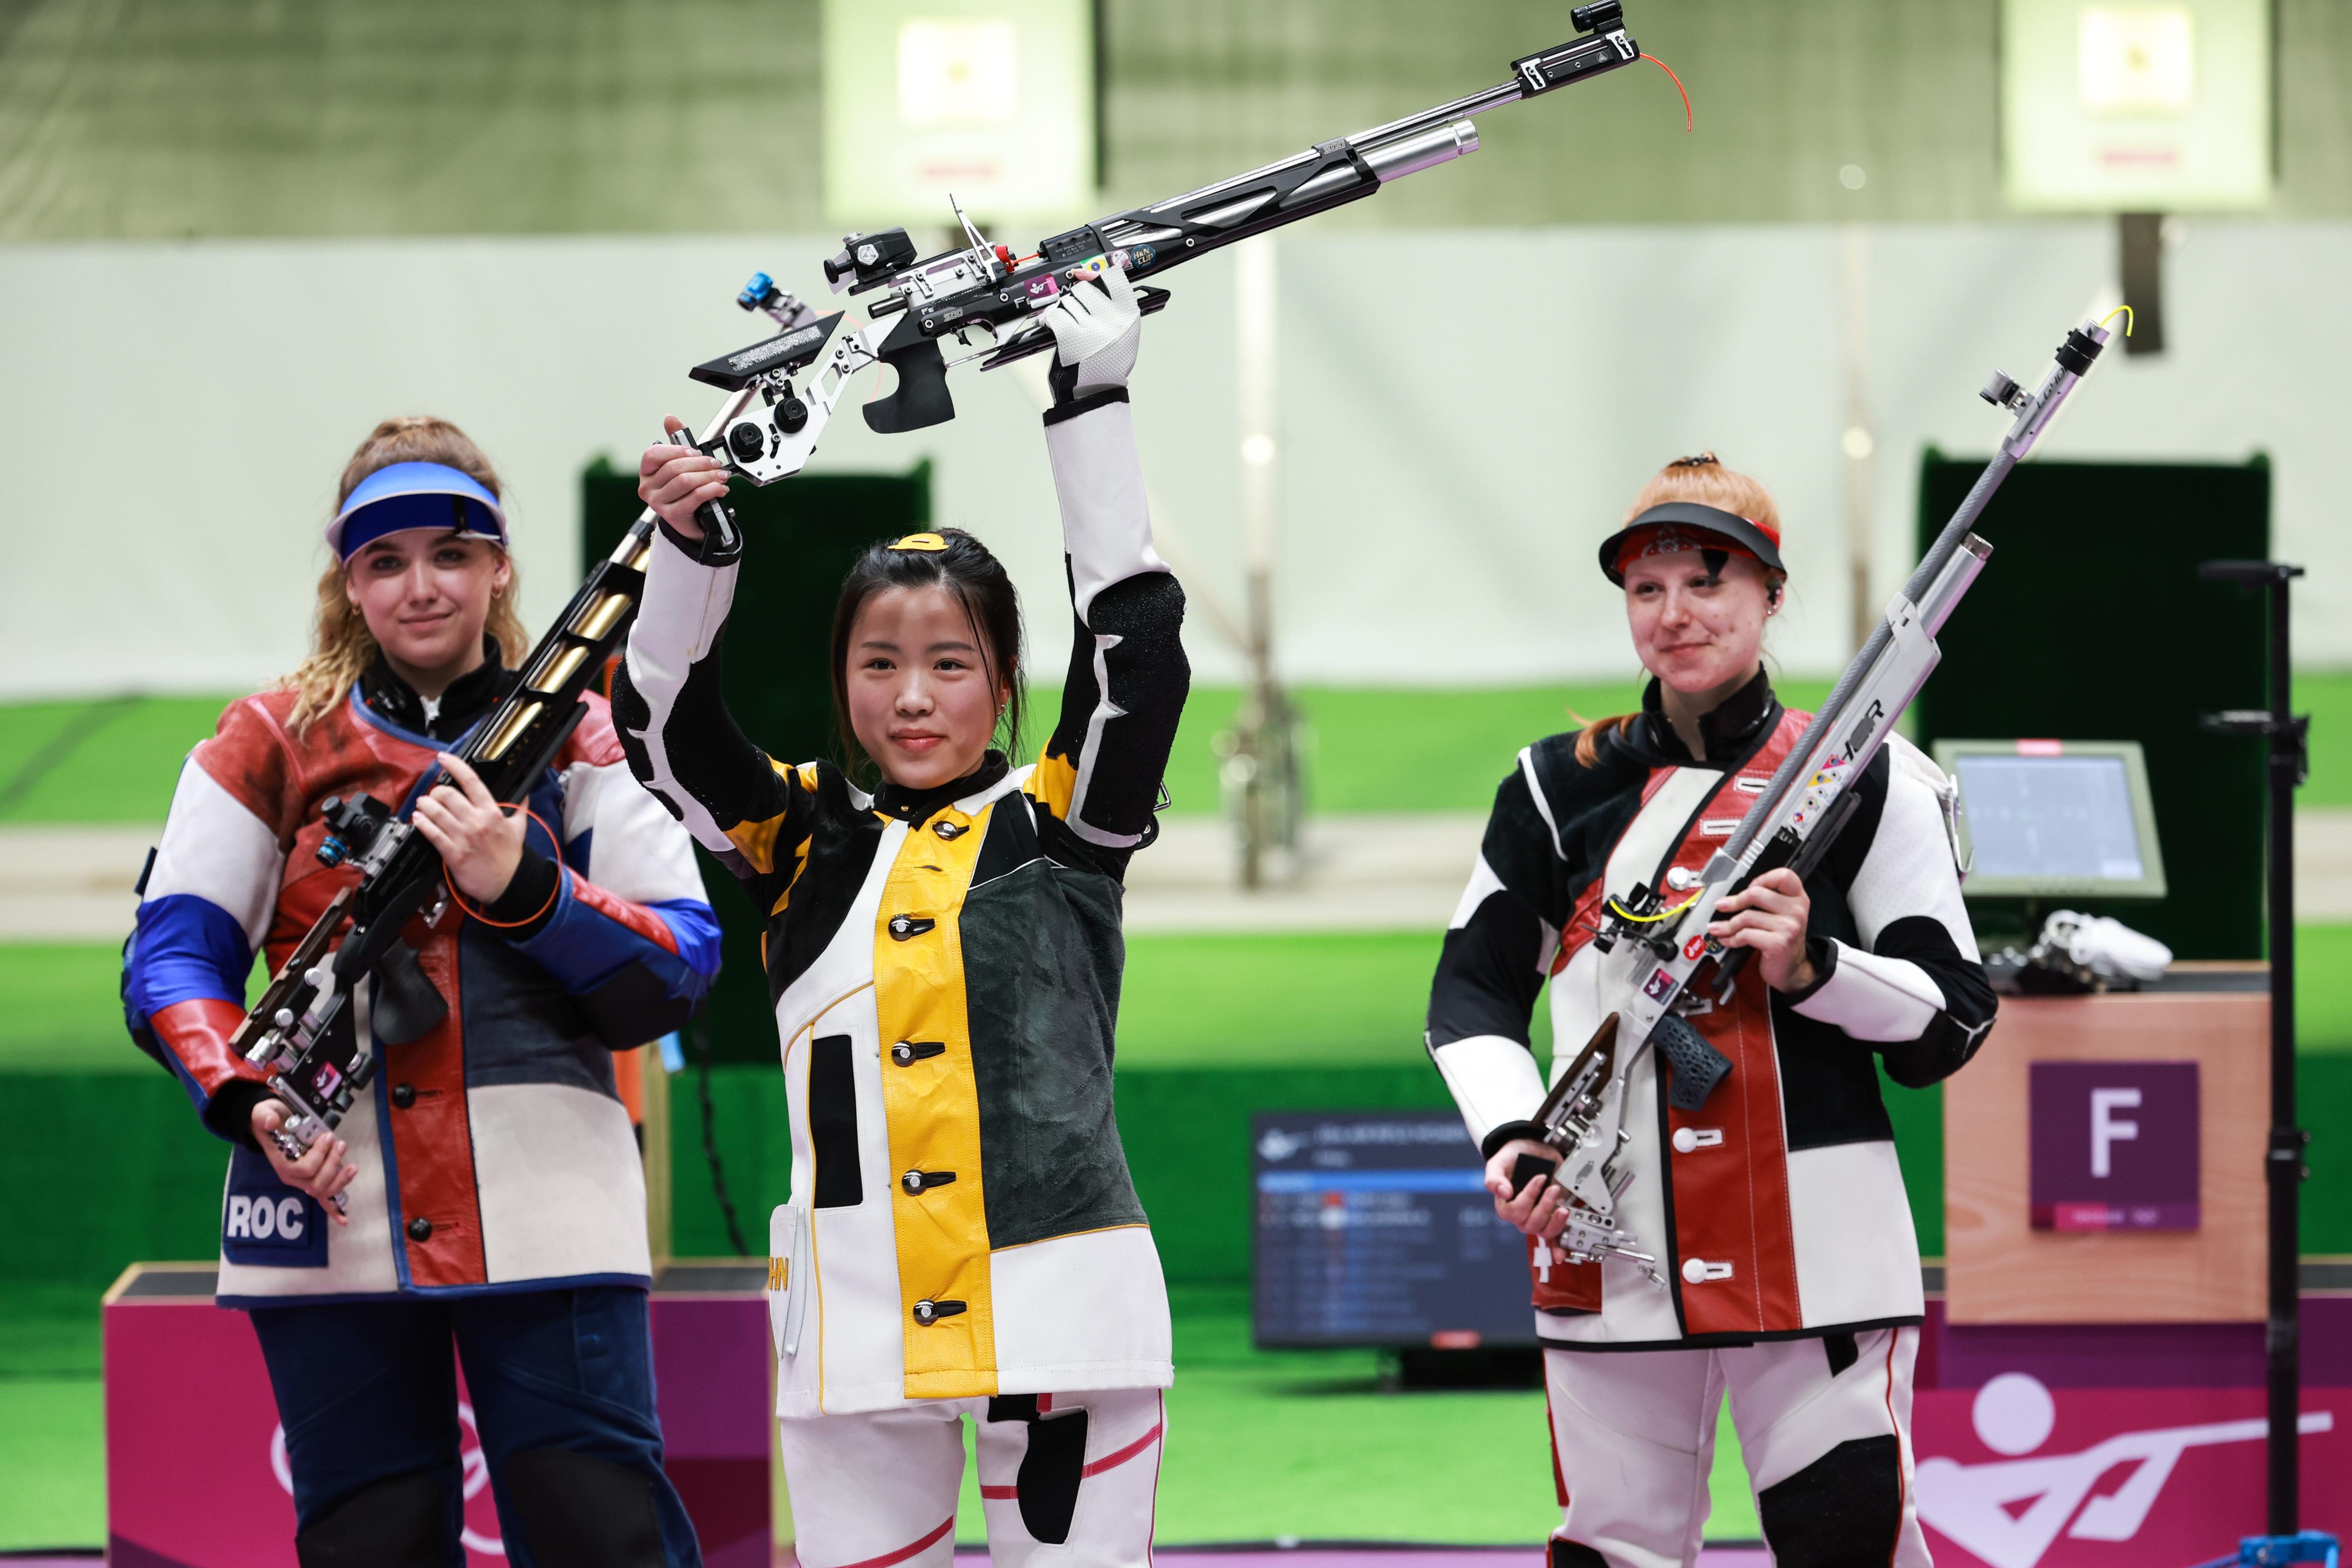 杨倩举枪庆祝。